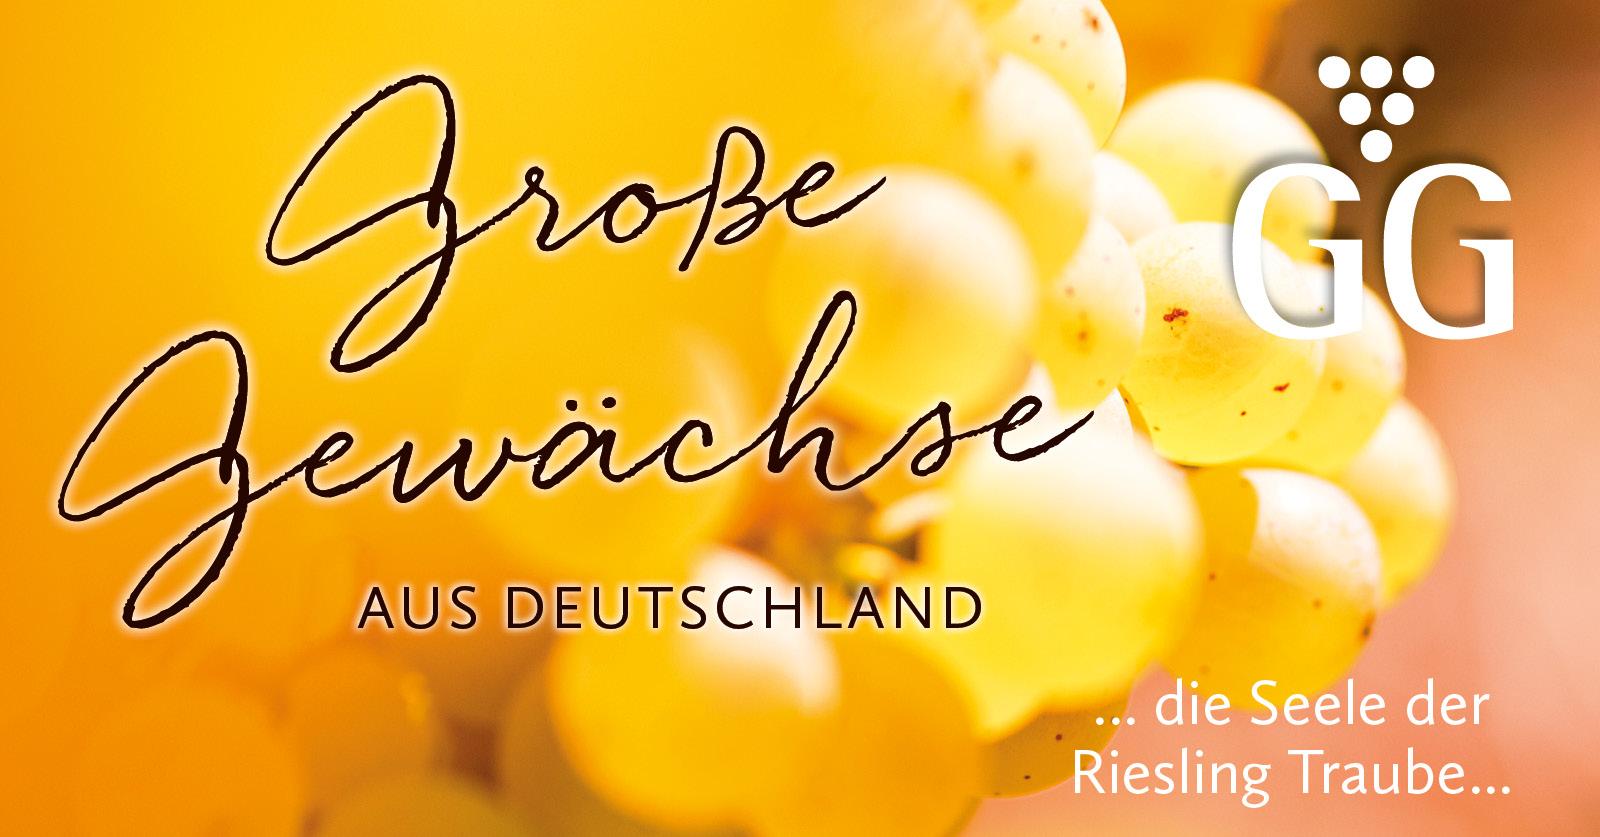 Große Gewächse aus Deutschland - Die Seele der Rieslingtraube